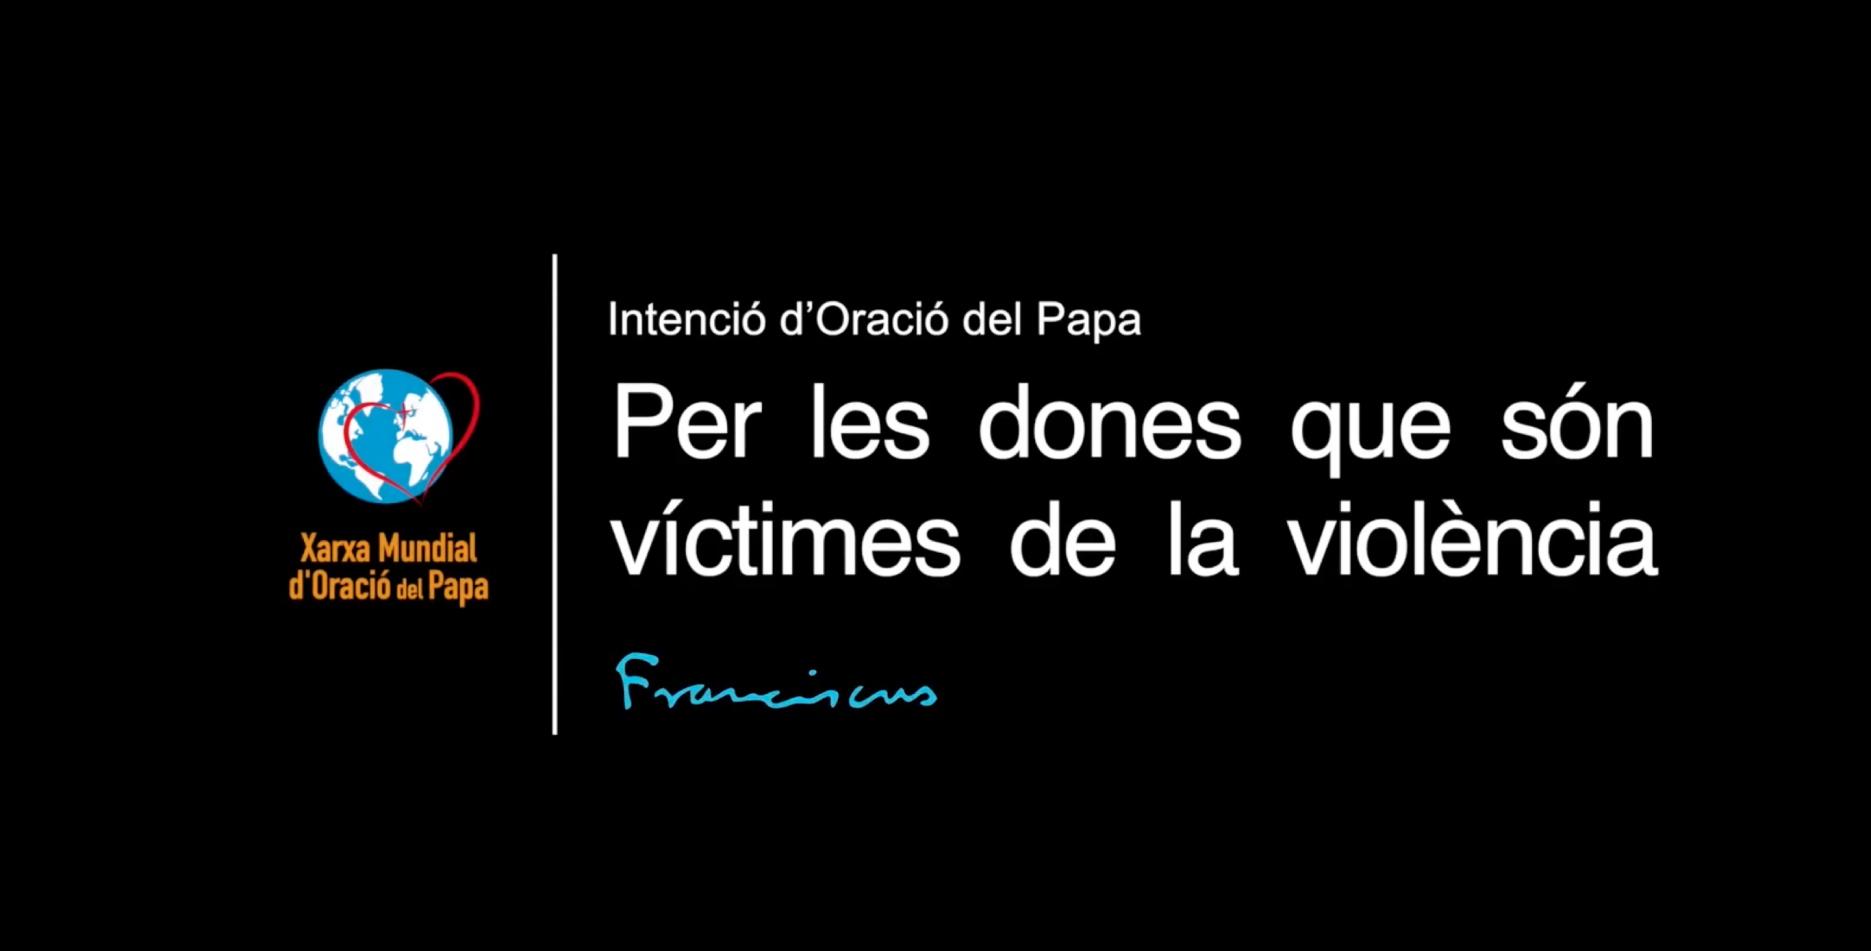 FEBRER | Per les dones que són víctimes de la violència